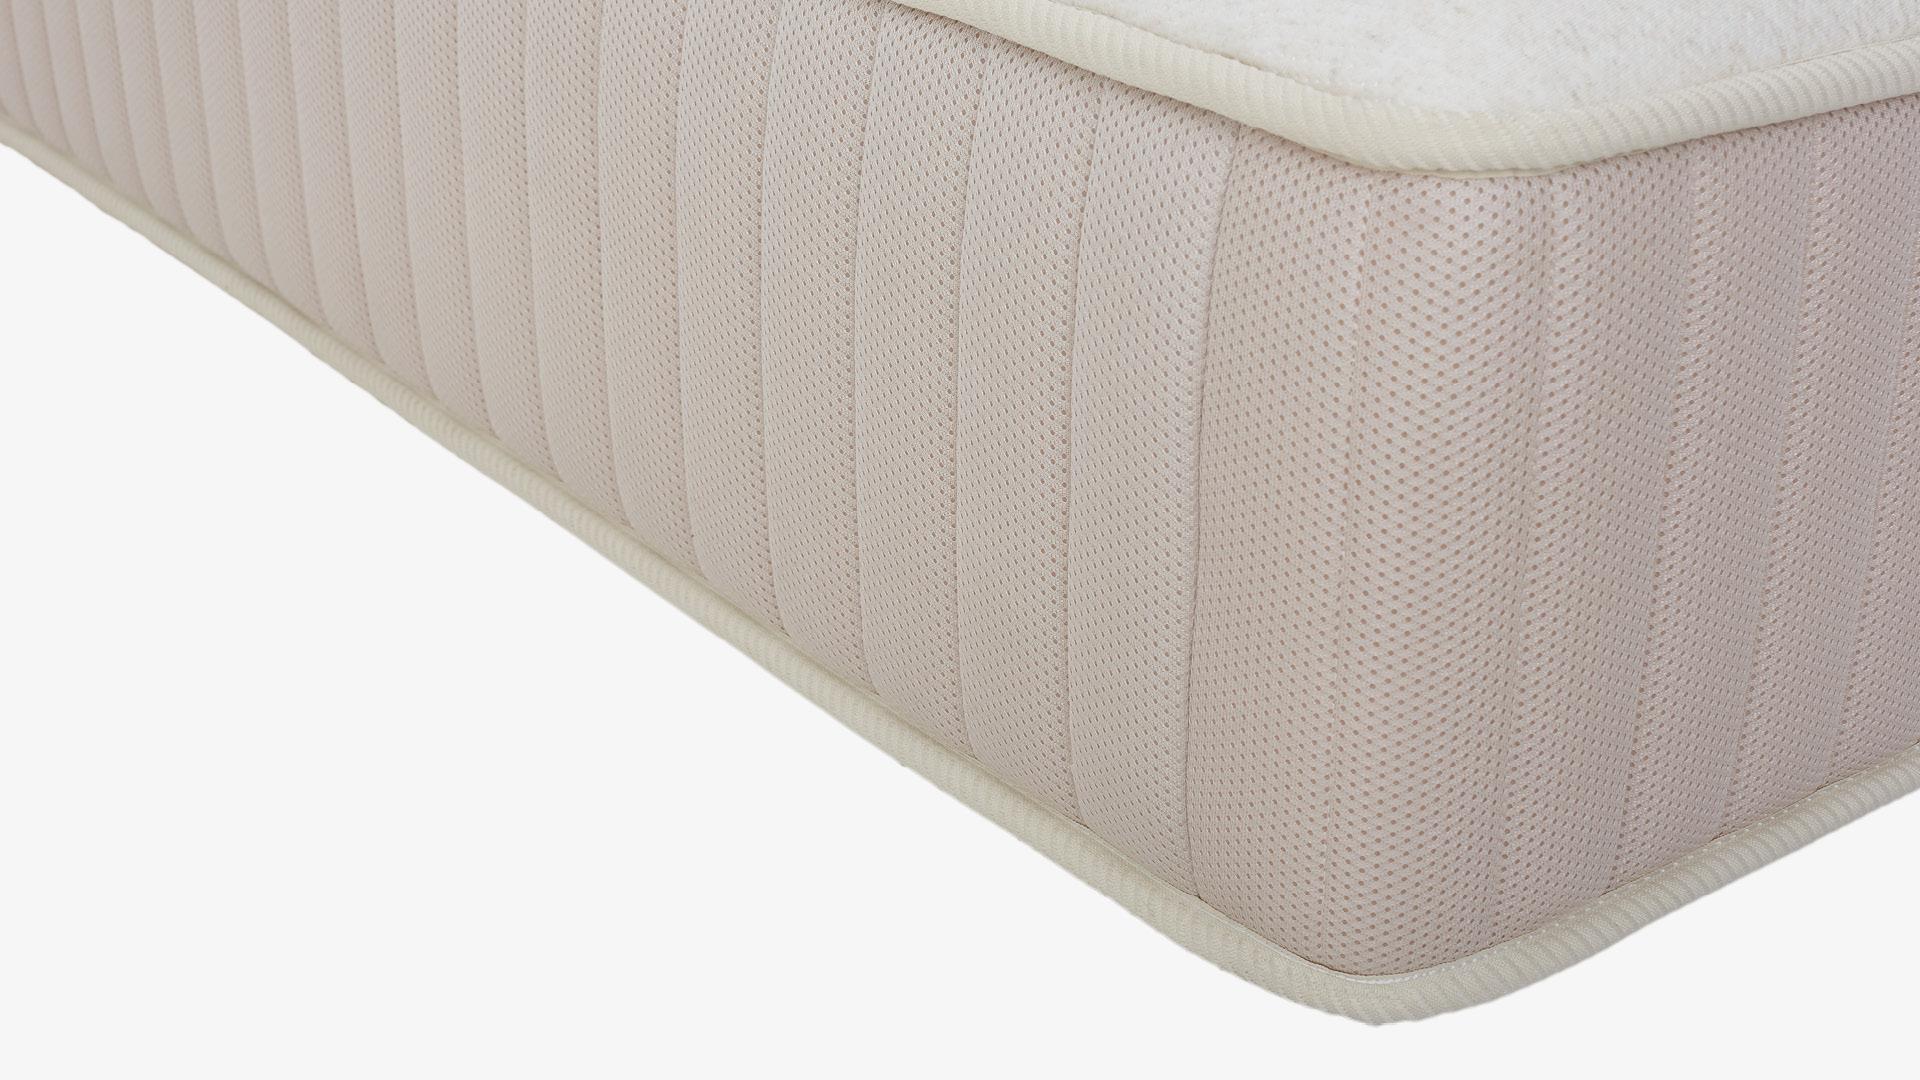 床侧3D网布包裹,超强干爽透气